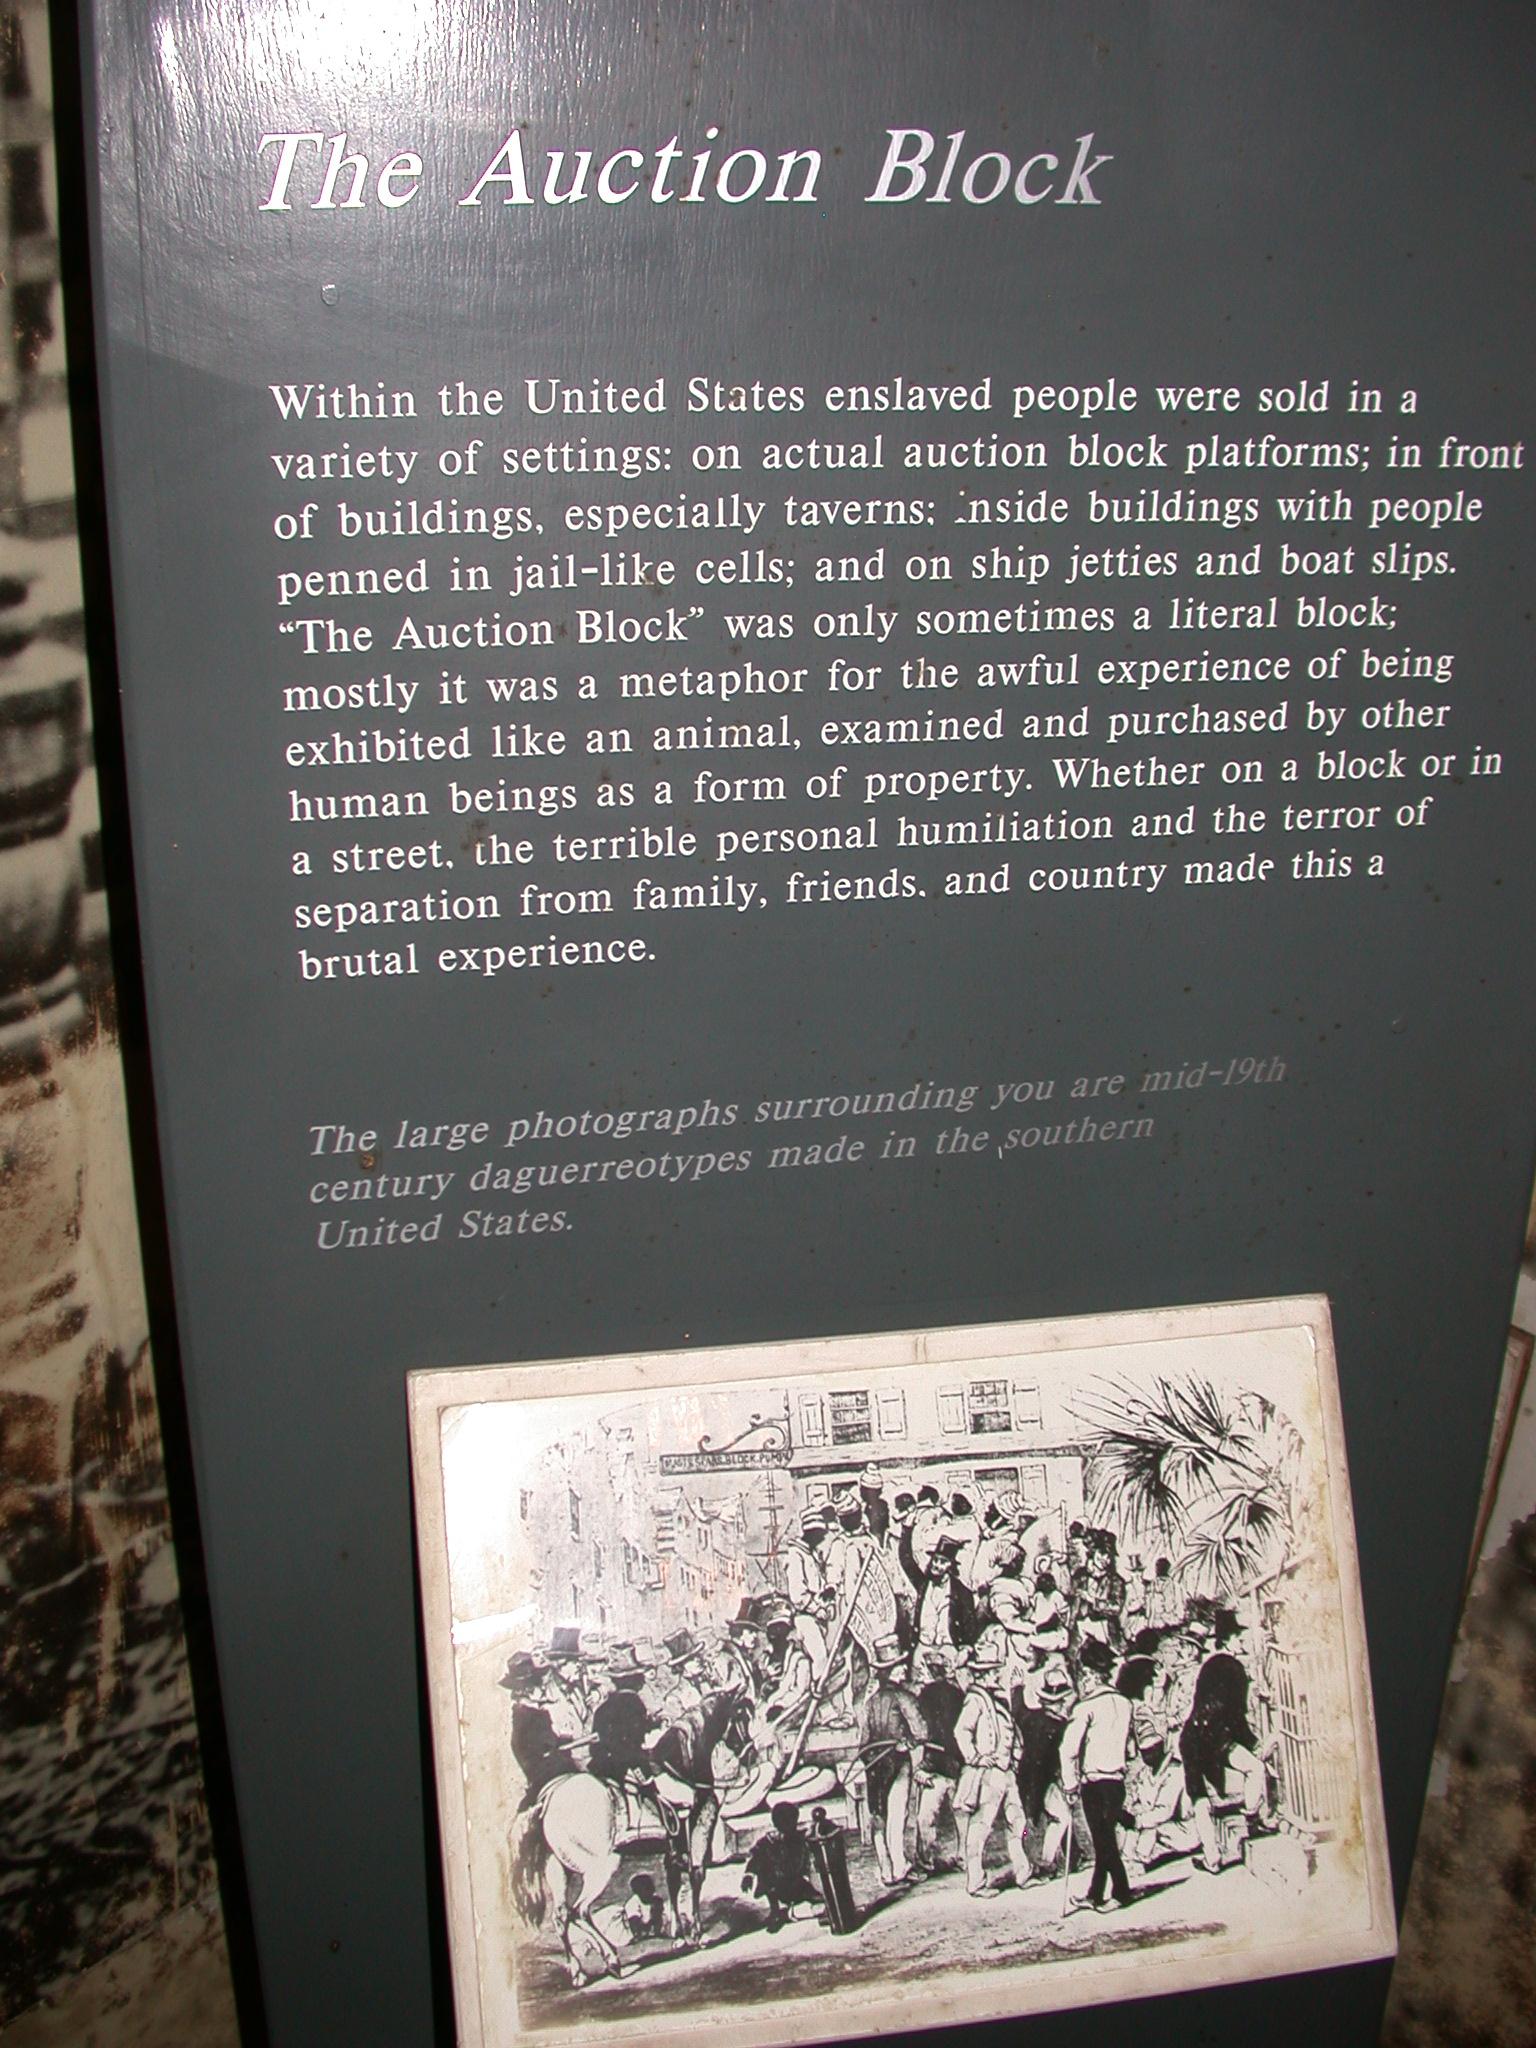 Slave Auction Block Description and Drawing, Cape Coast Slave Fort Museum, Cape Coast, Ghana